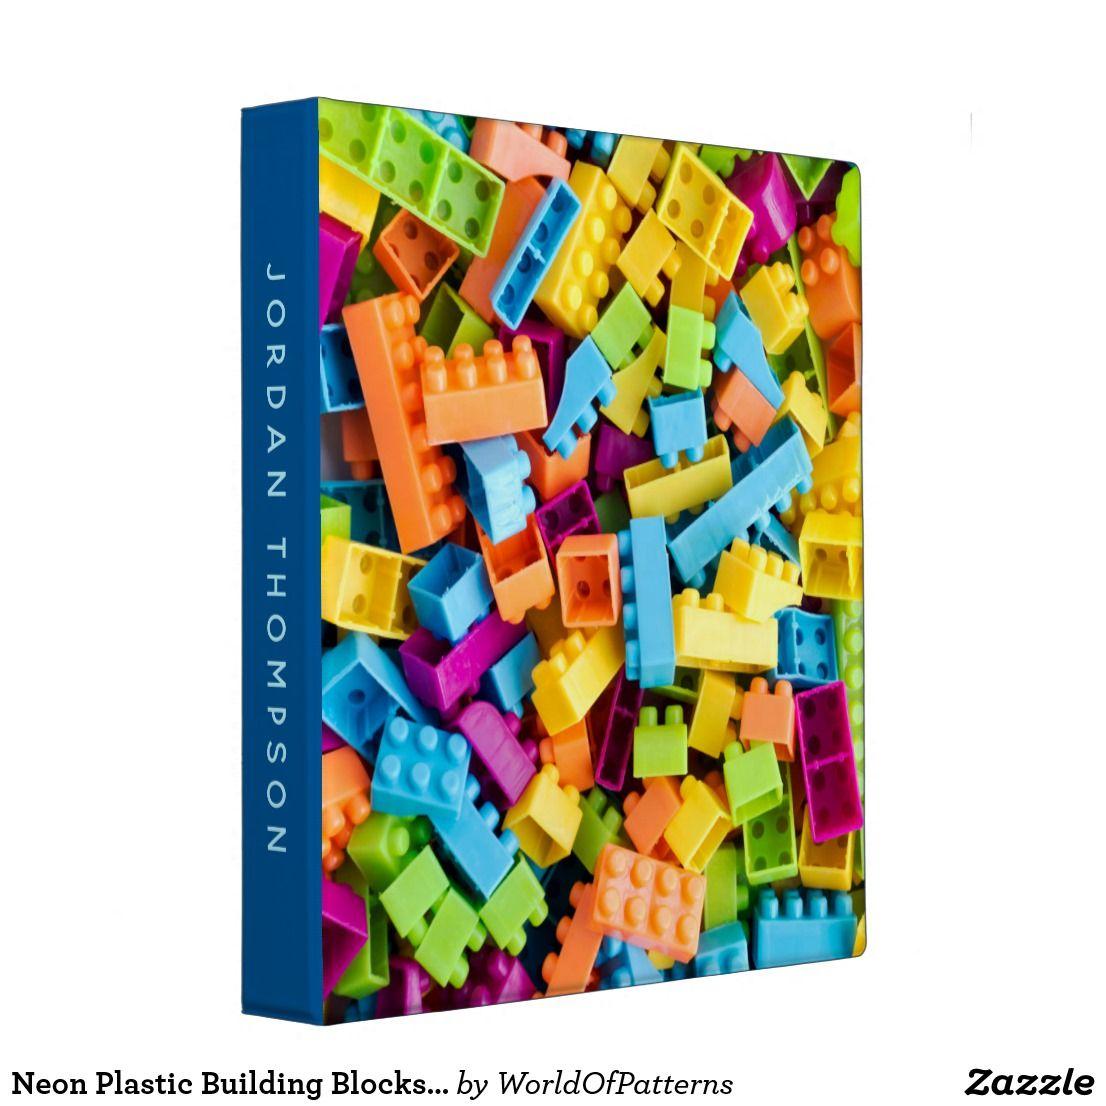 Neon Plastic Building Blocks